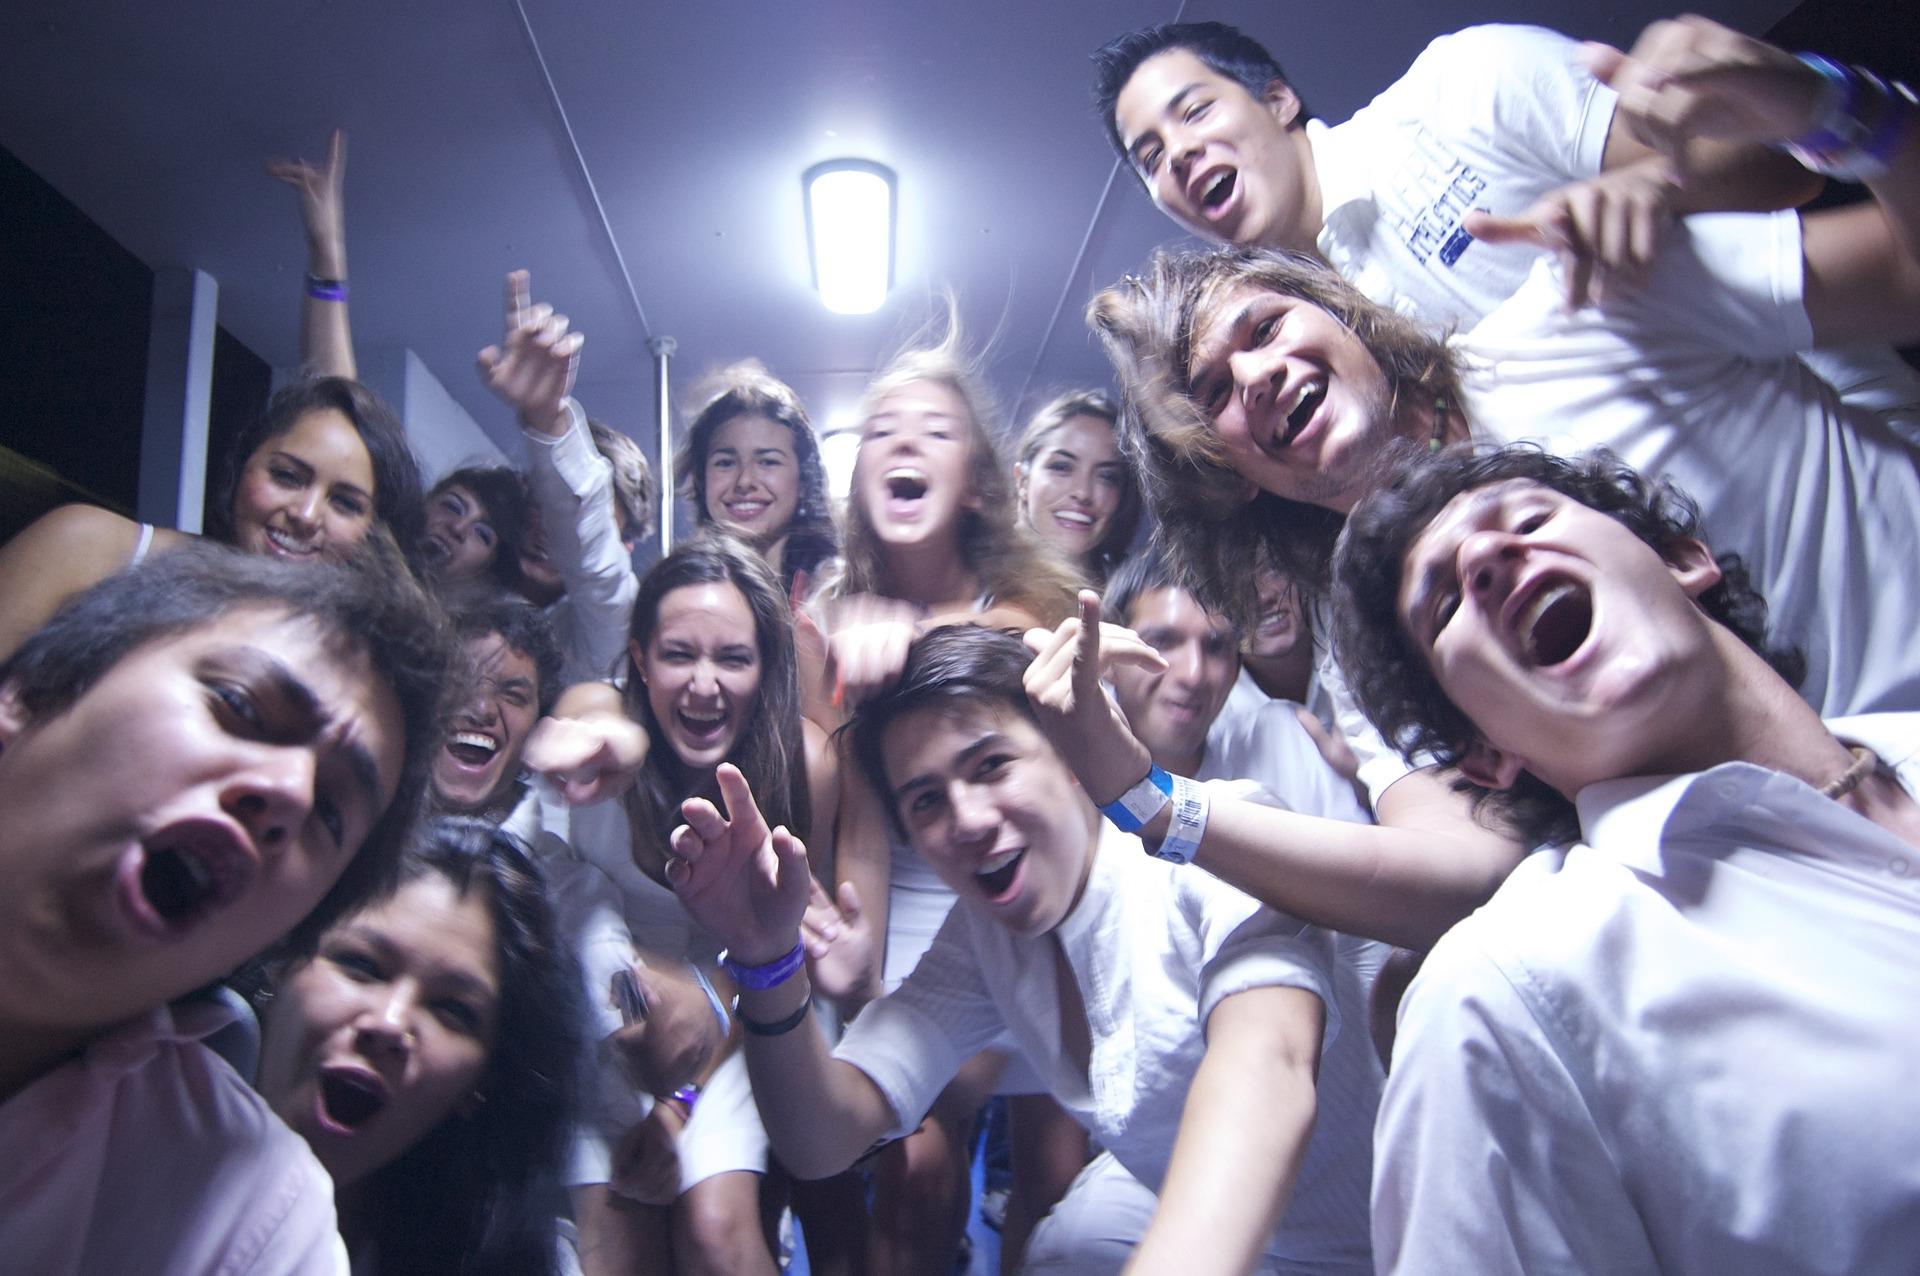 Lo que más condiciona a un adolescente para engancharse al tabaco es que sus amigos fumen